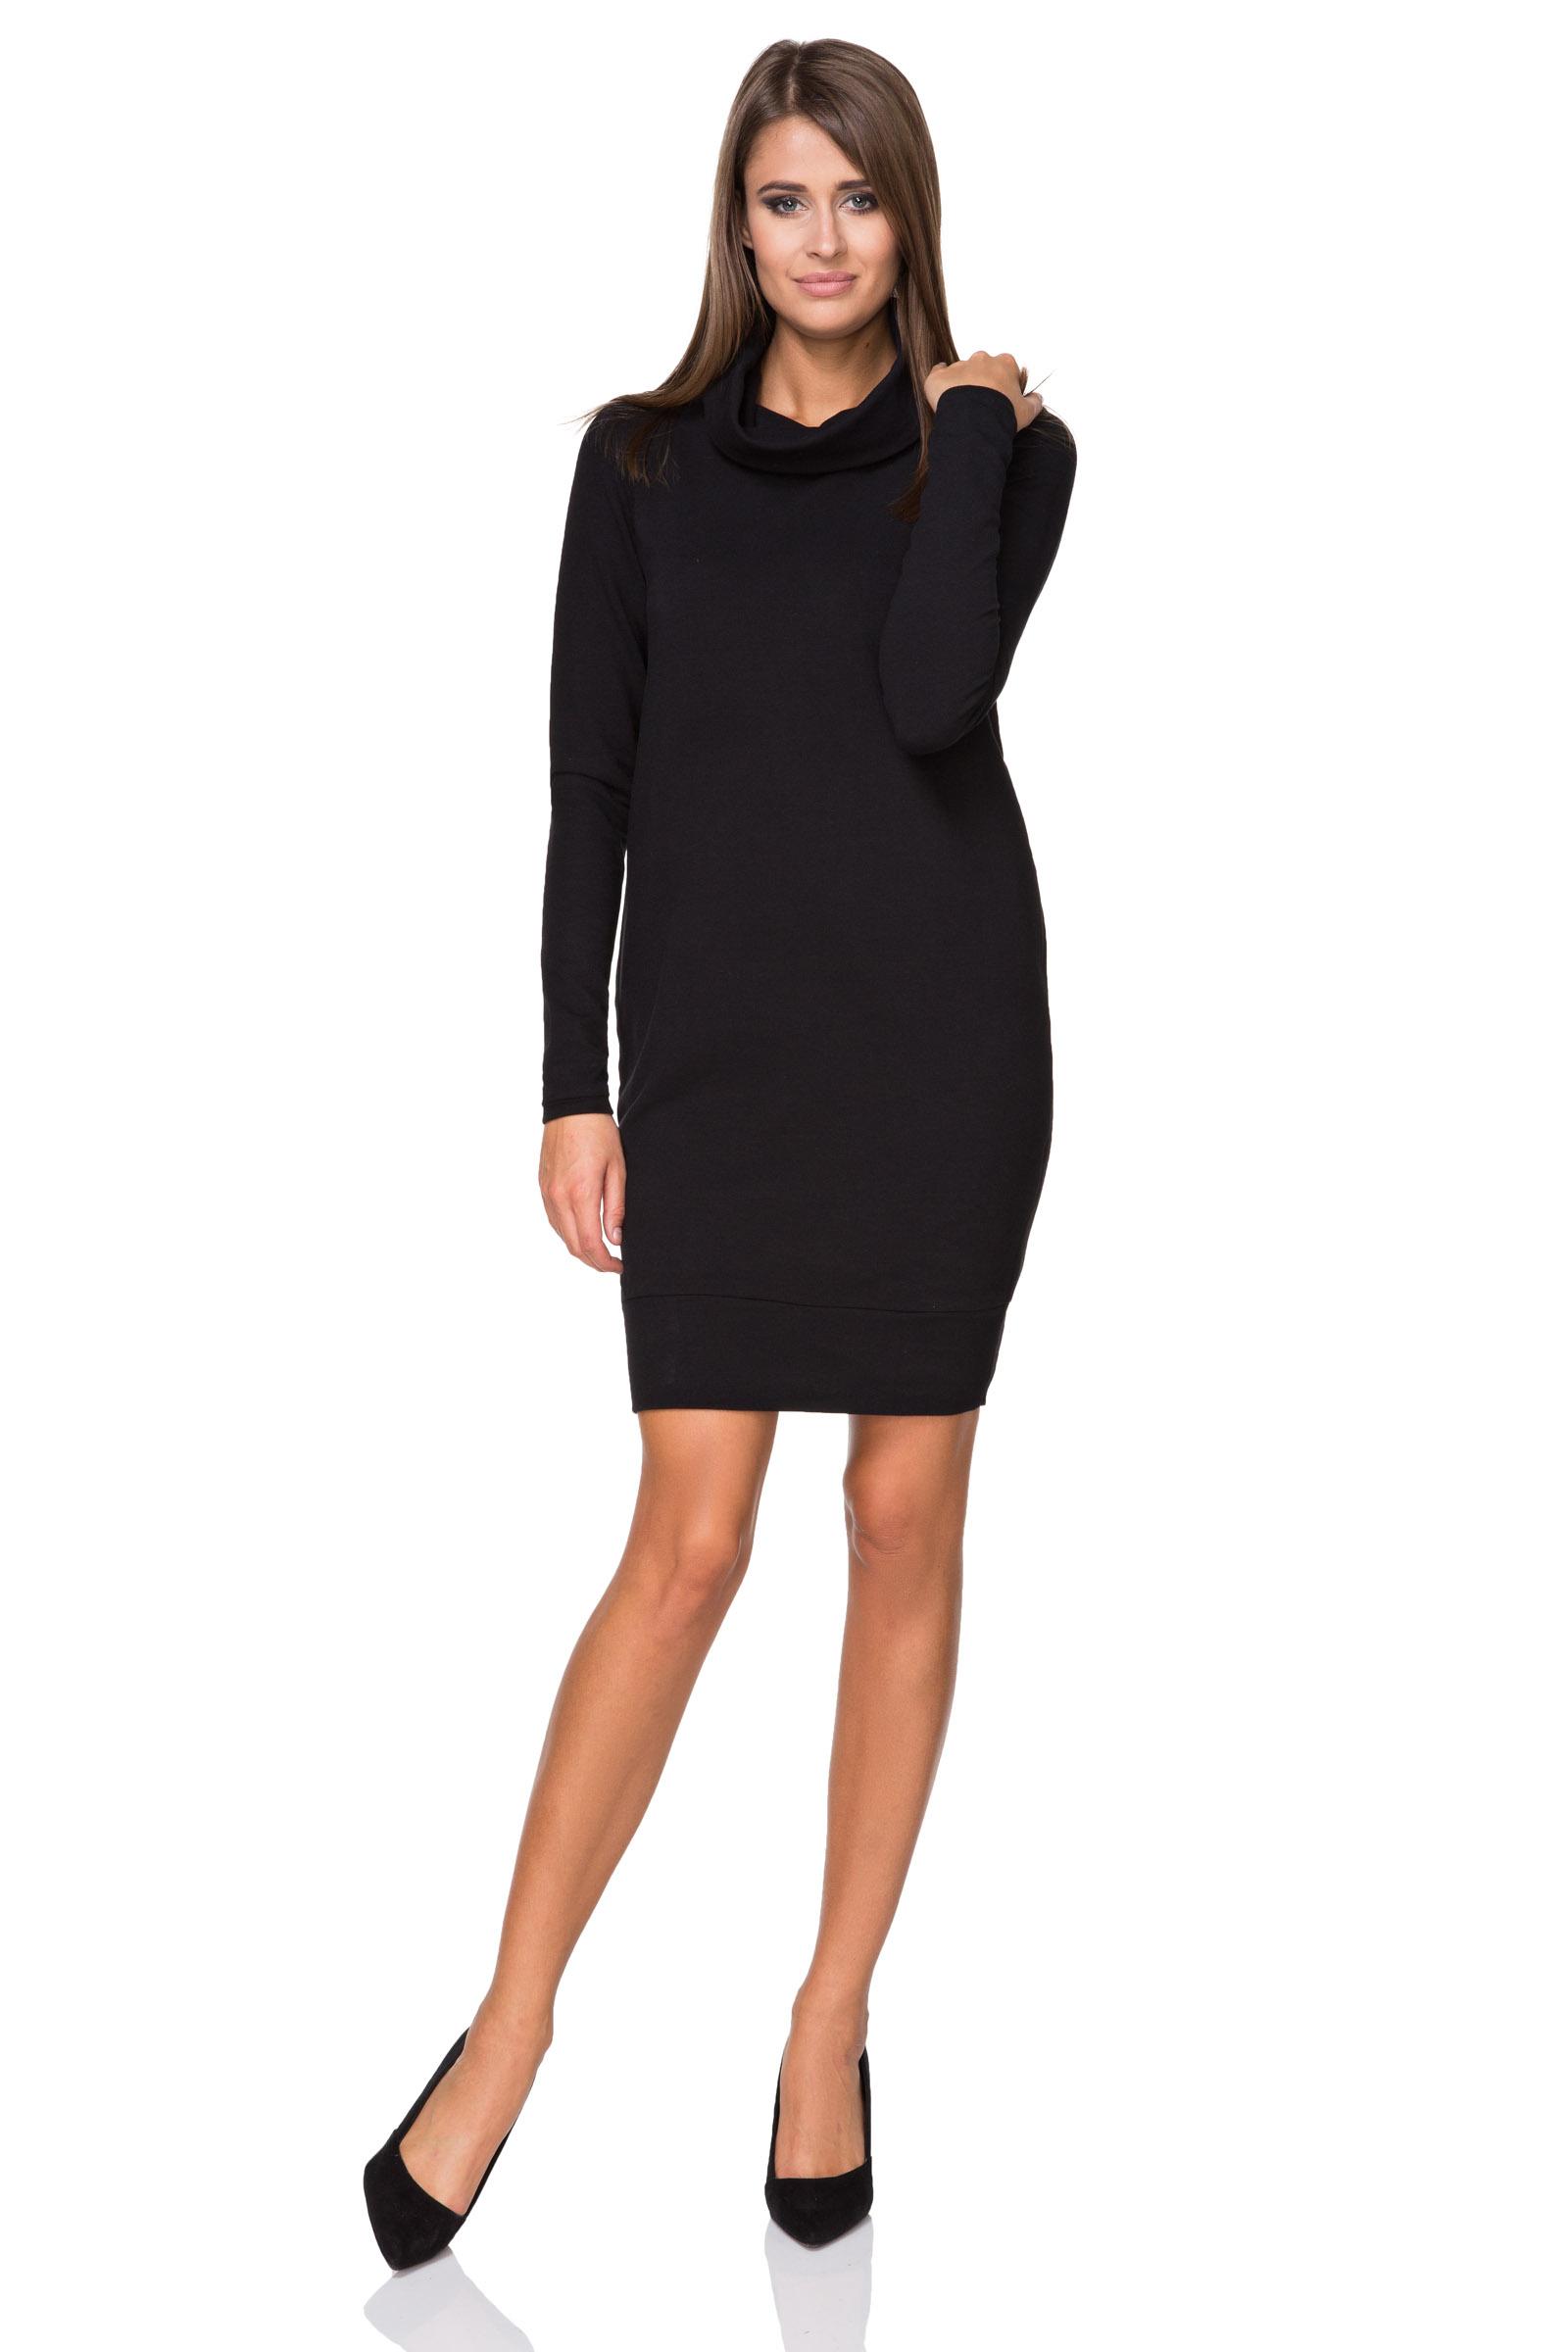 01b1eac5db TESSITA Sukienka dresowa z golfem czarny XL - 7047406254 - oficjalne ...